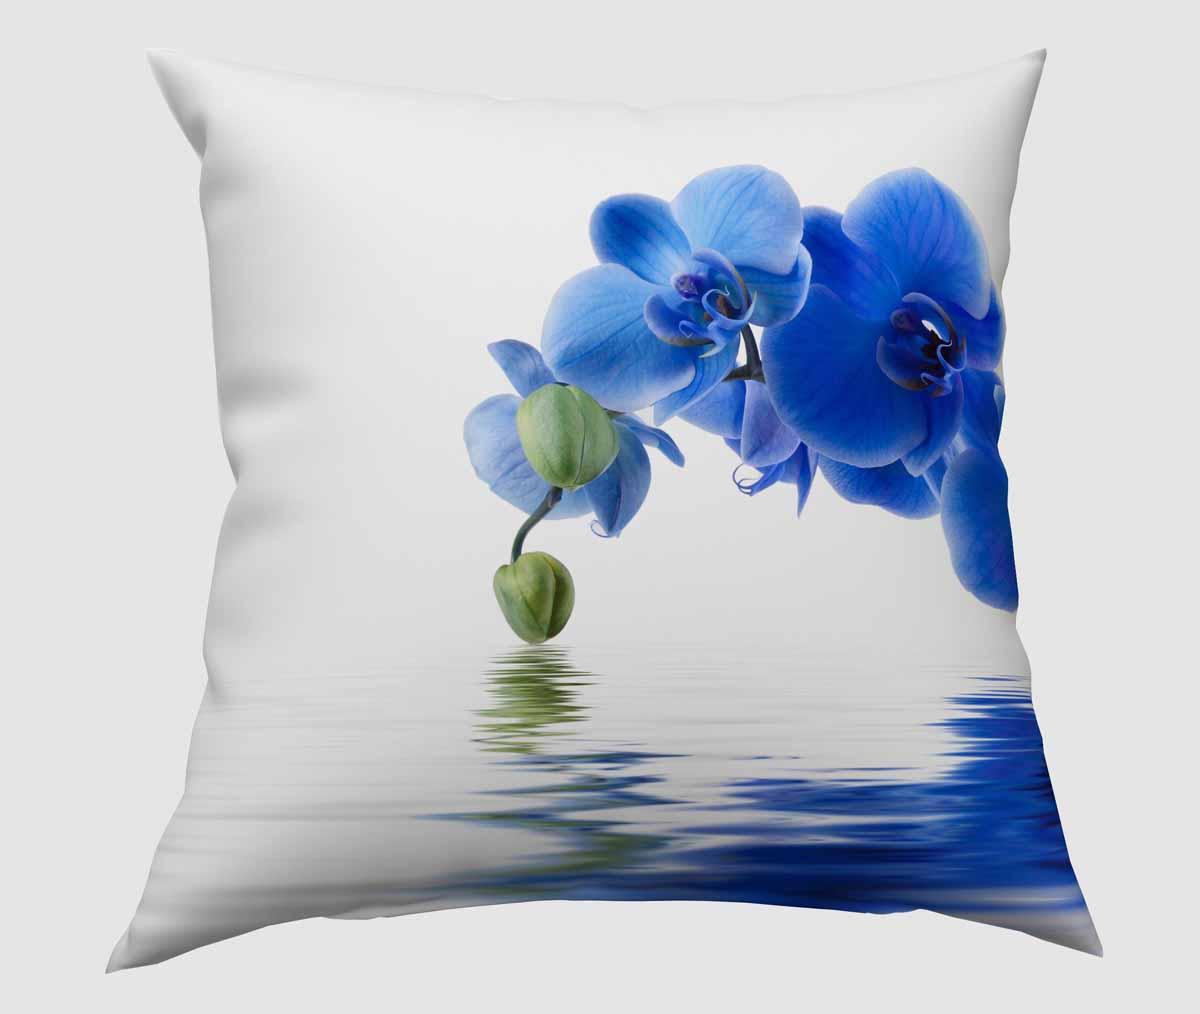 Подушка декоративная Сирень Синяя орхидея, 40 х 40 см04611-ПШ-ГБ-012Декоративная подушка Сирень Синяя орхидея, изготовленная из габардина (100% полиэстер), прекрасно дополнит интерьер спальни или гостиной. Подушка оформлена красочным изображением. Внутри - мягкий наполнитель из холлофайбера (100% полиэстер).Красивая подушка создаст атмосферу тепла и уюта в спальне и станет прекрасным элементом декора.